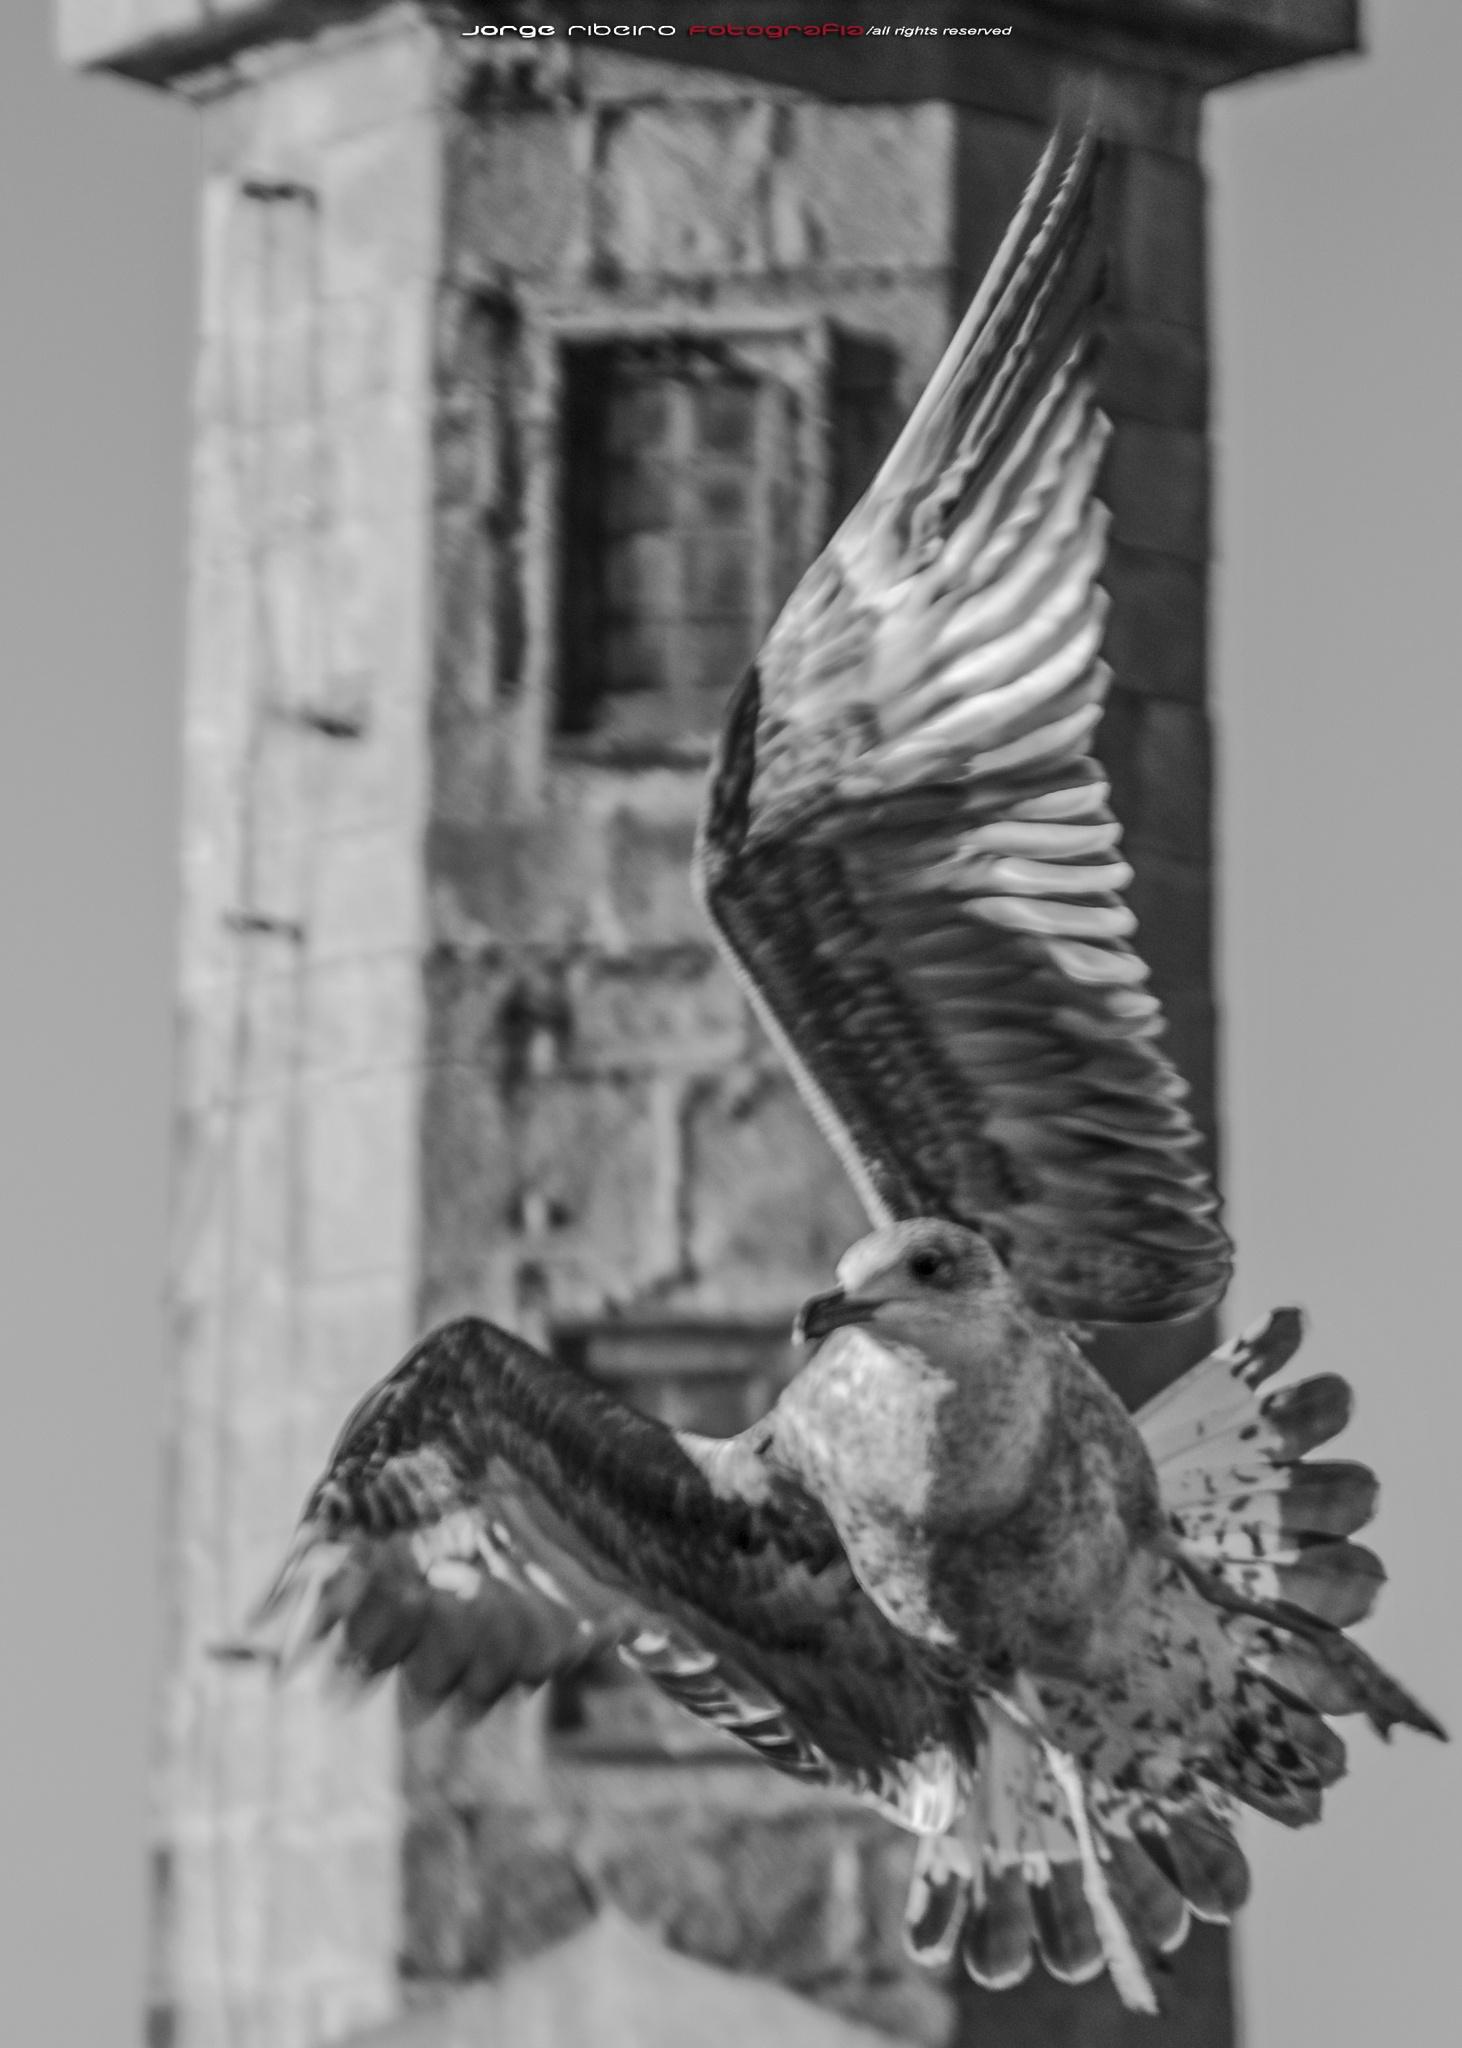 Bird by franciscojorge.dominguesribeiro